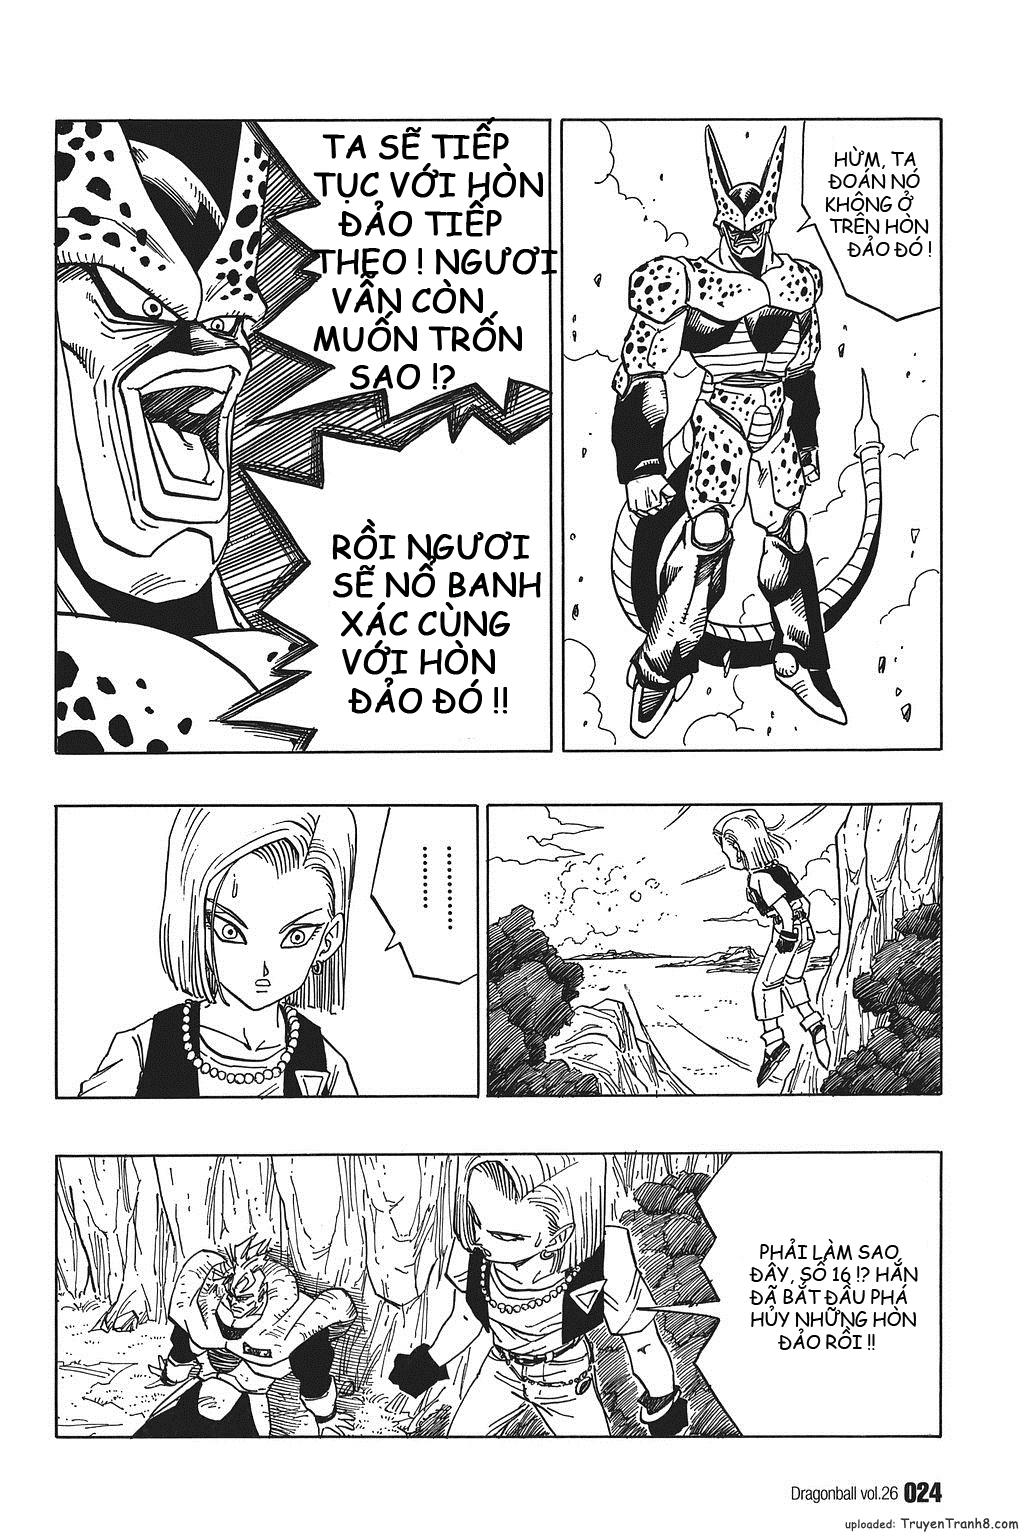 xem truyen moi - Dragon Ball Bản Vip - Bản Đẹp Nguyên Gốc Chap 376